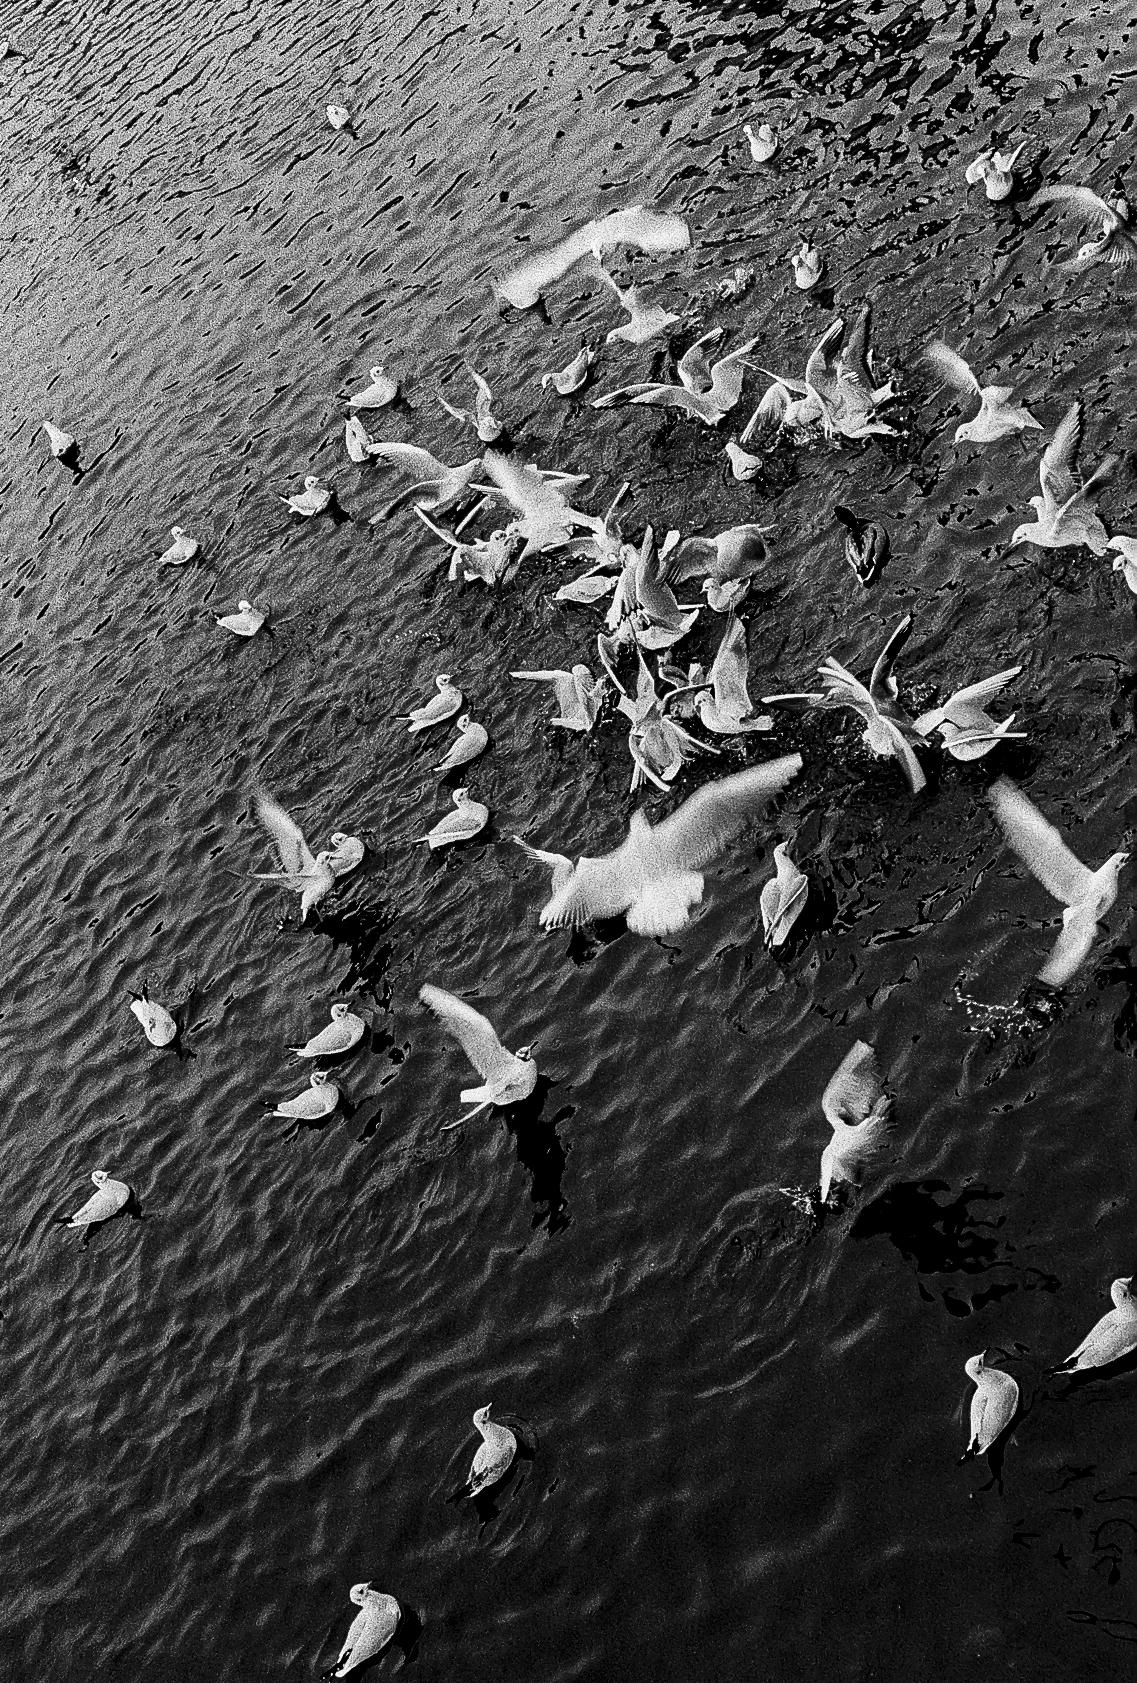 Seagulls in the Vltava by the Karlovy Lázně stop.